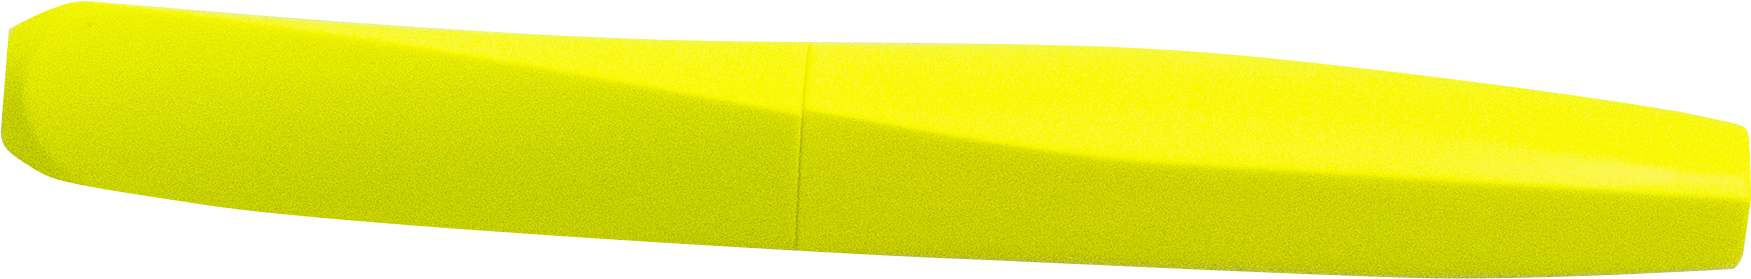 Pelikan Twist Neon Gelb R+L